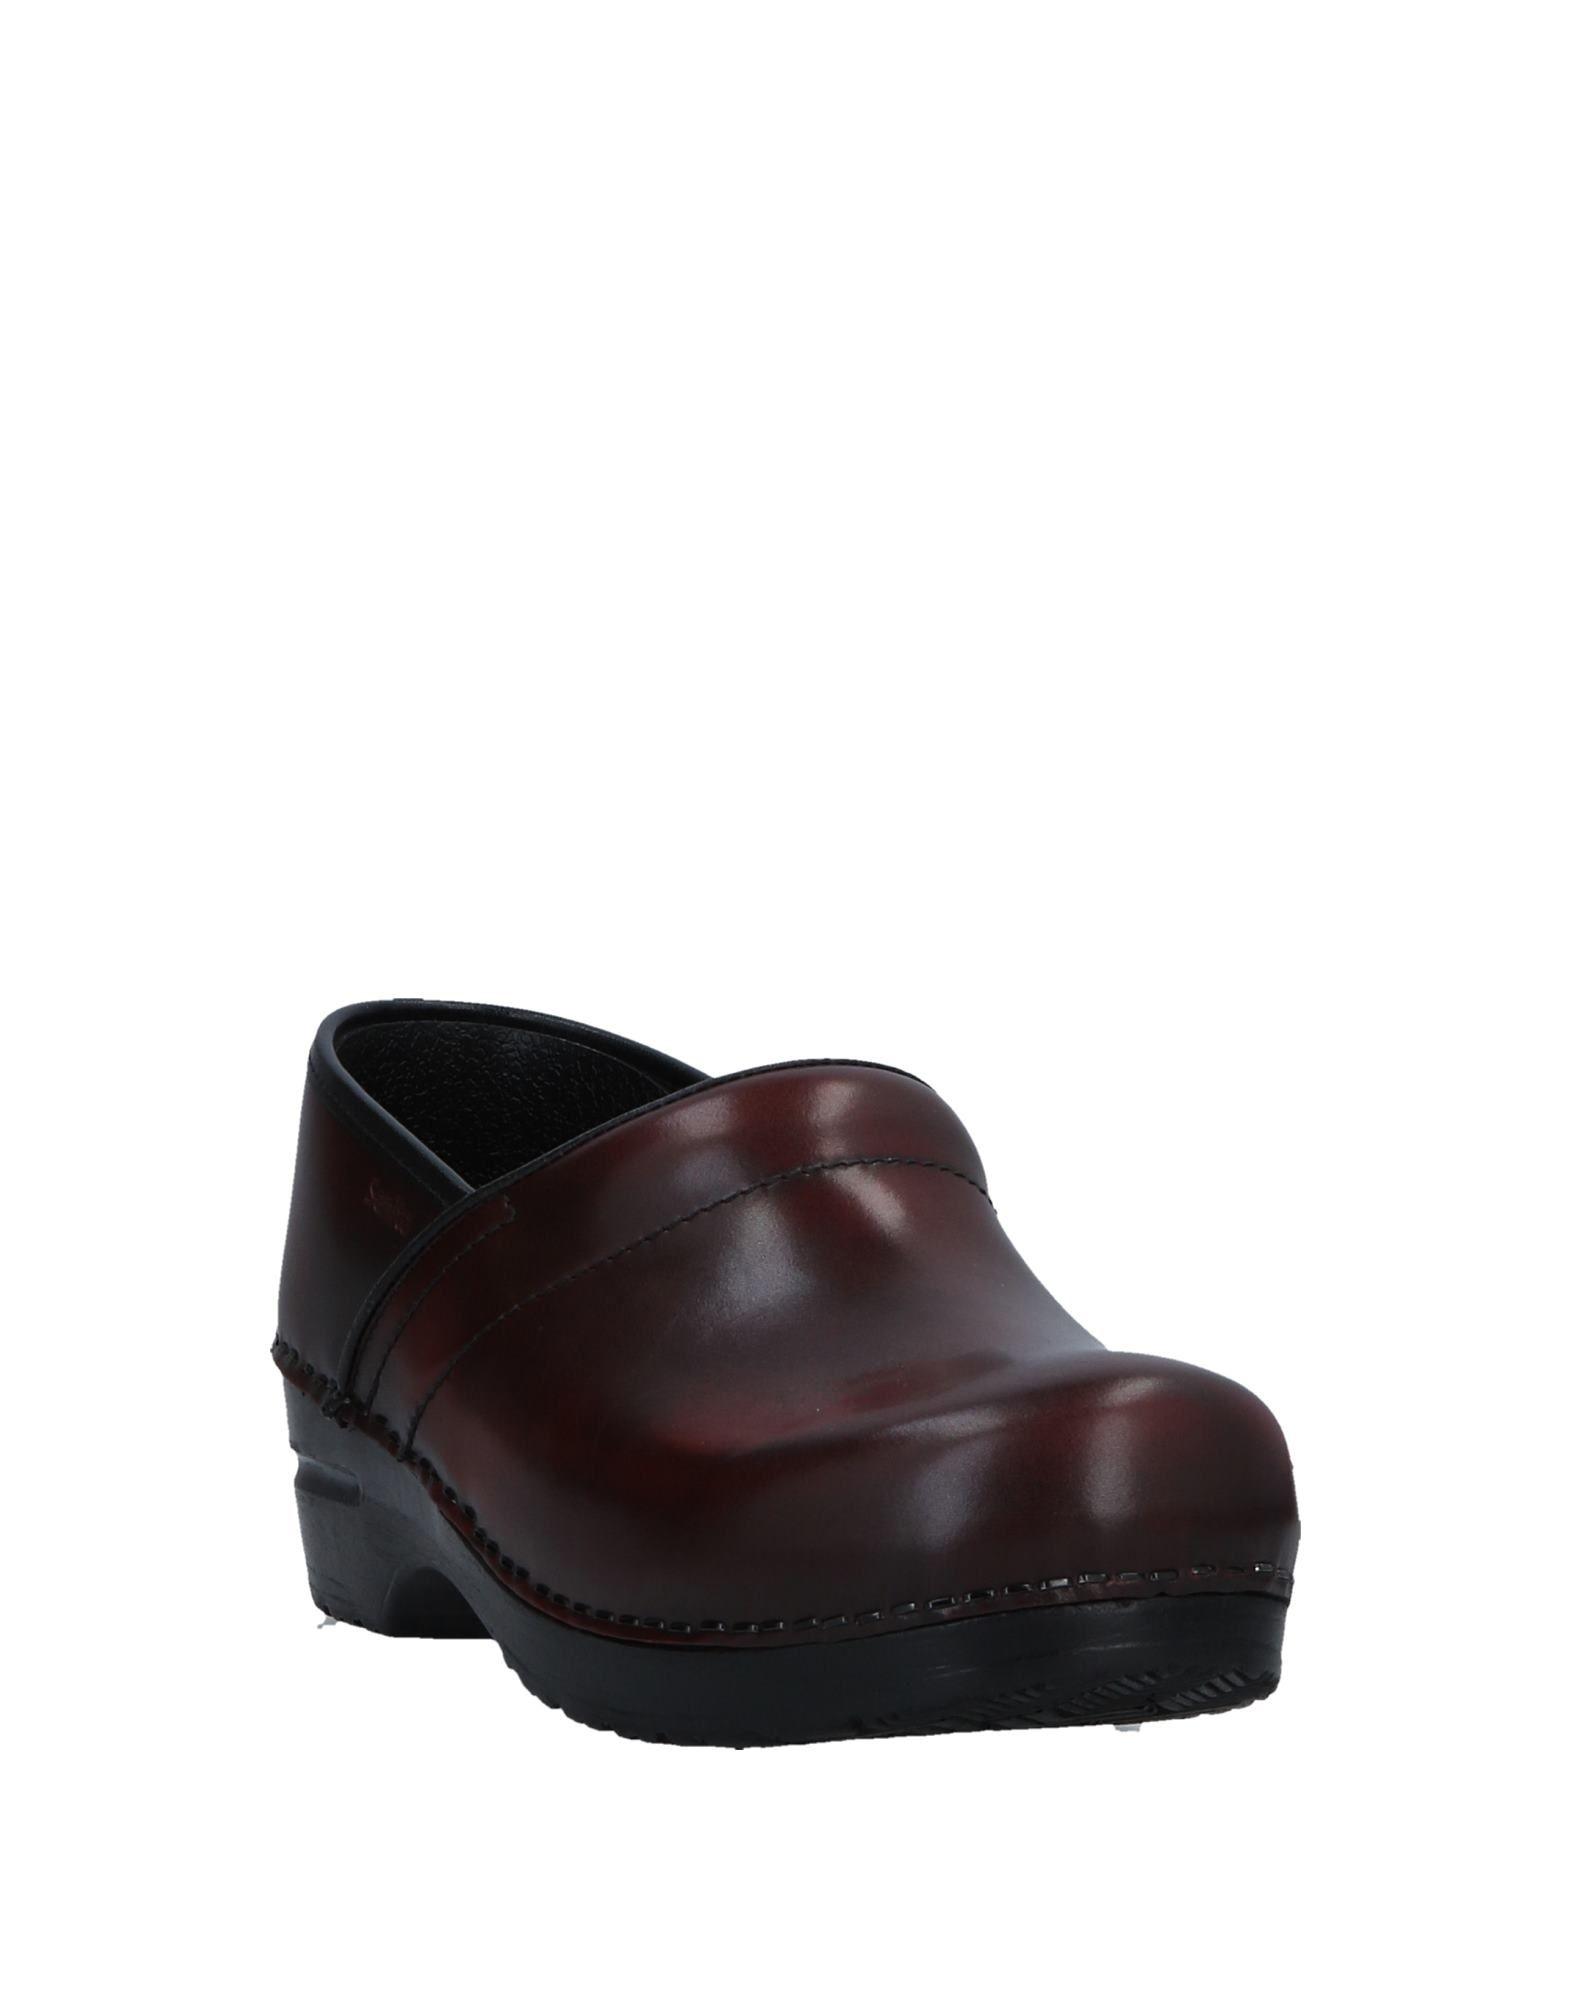 Sanita Pantoletten Damen Qualität  11521763KF Gute Qualität Damen beliebte Schuhe 7c8696